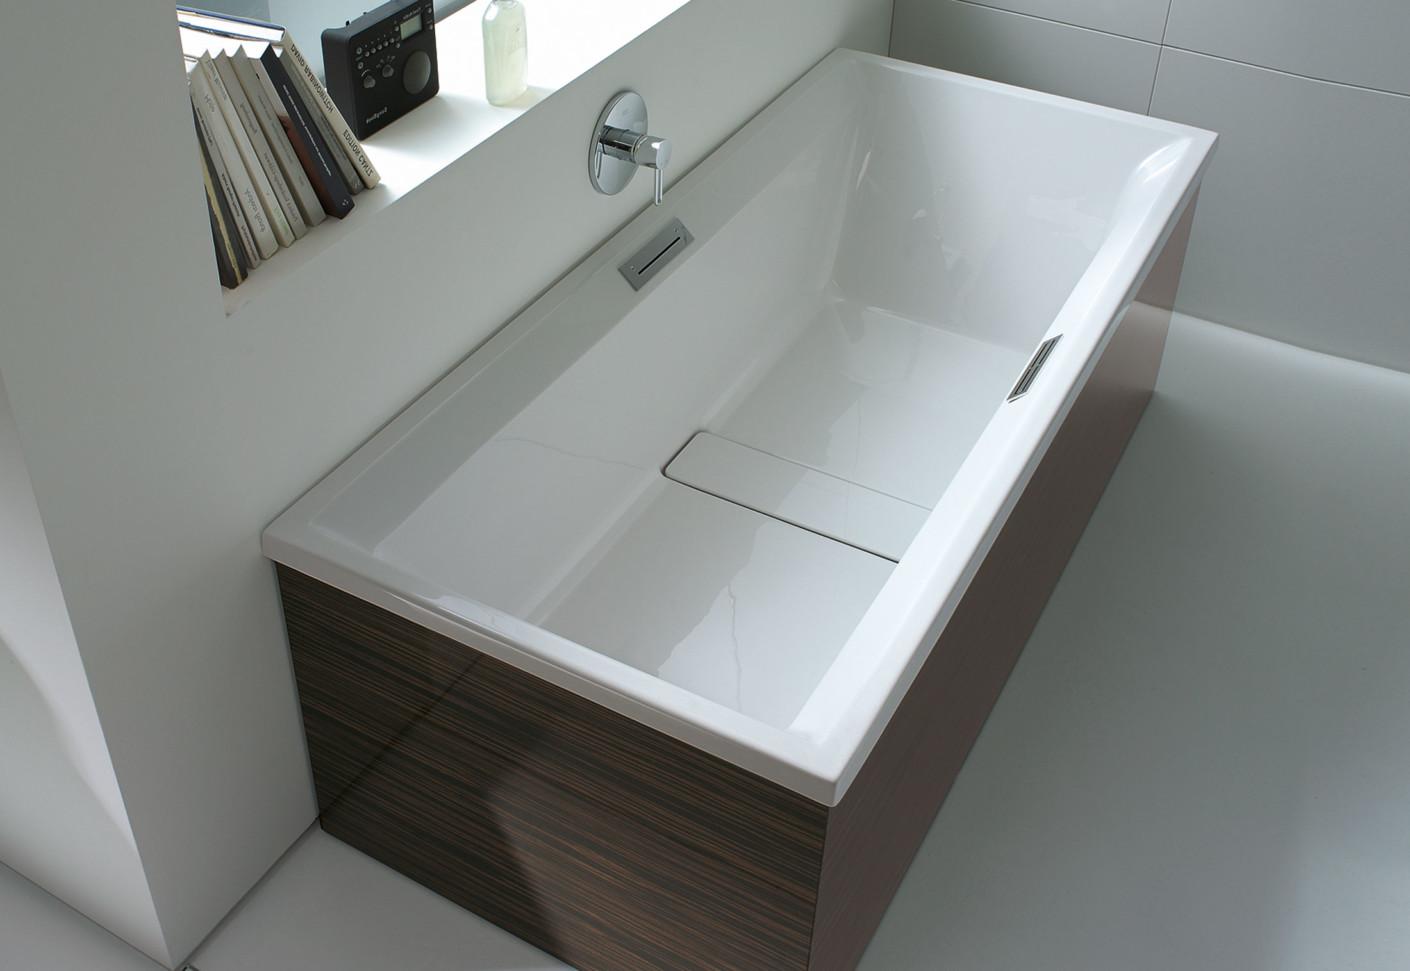 2nd Floor Wanne Einbauversion Von Duravit Stylepark